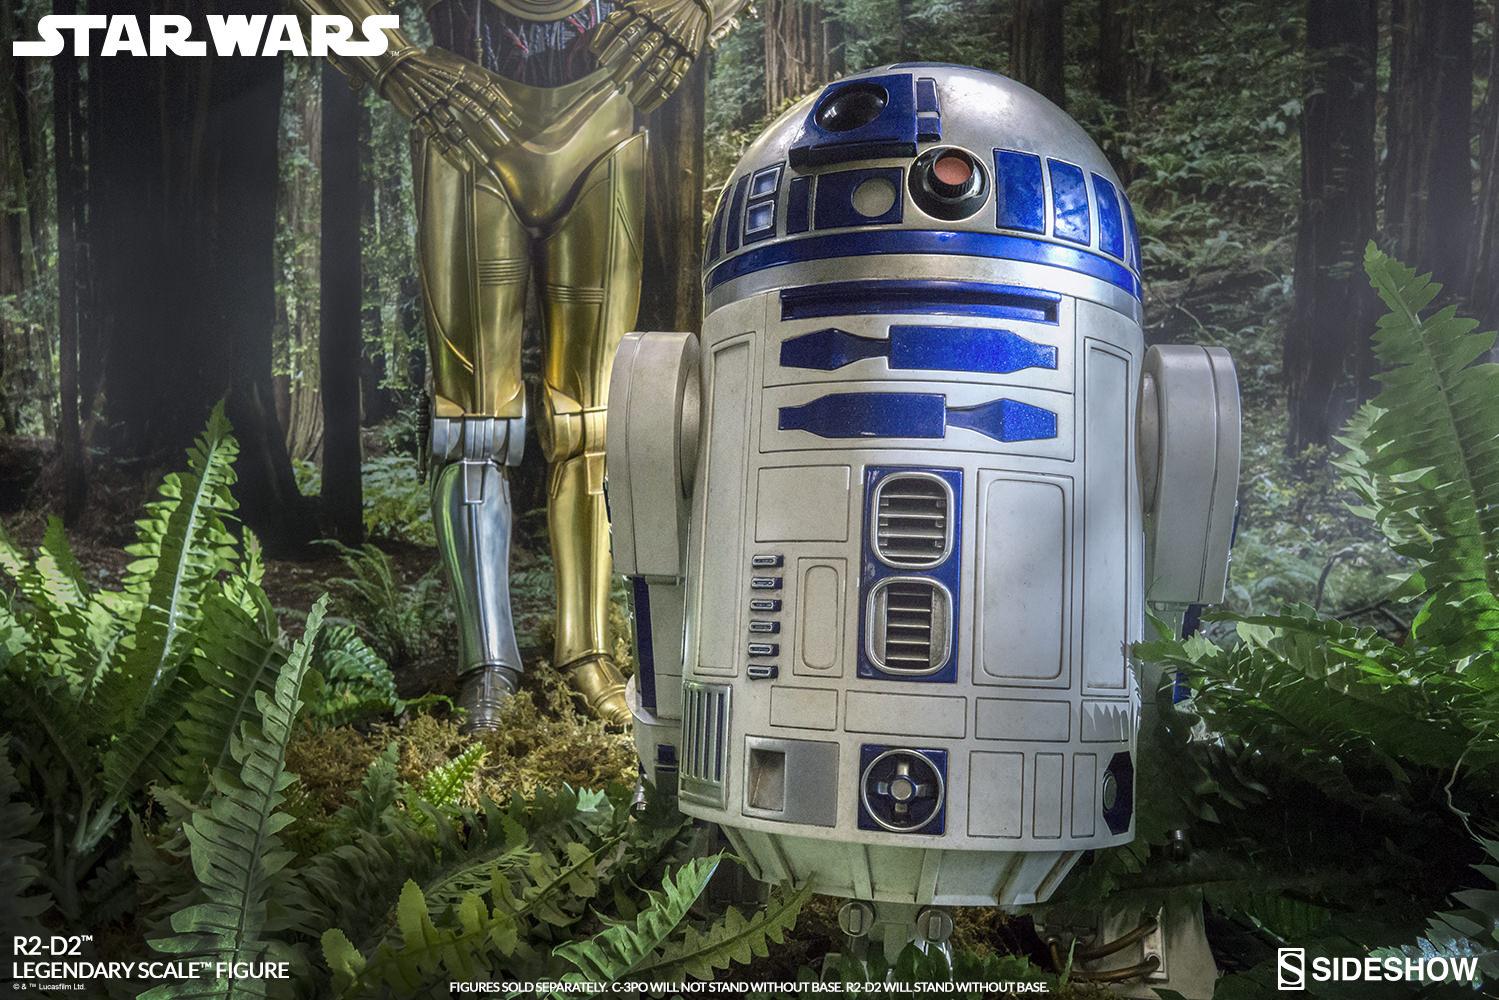 STAR WARS: R2-D2 Legendary scale figure Star-wars-r2-d2-legendary-scale-400155-12